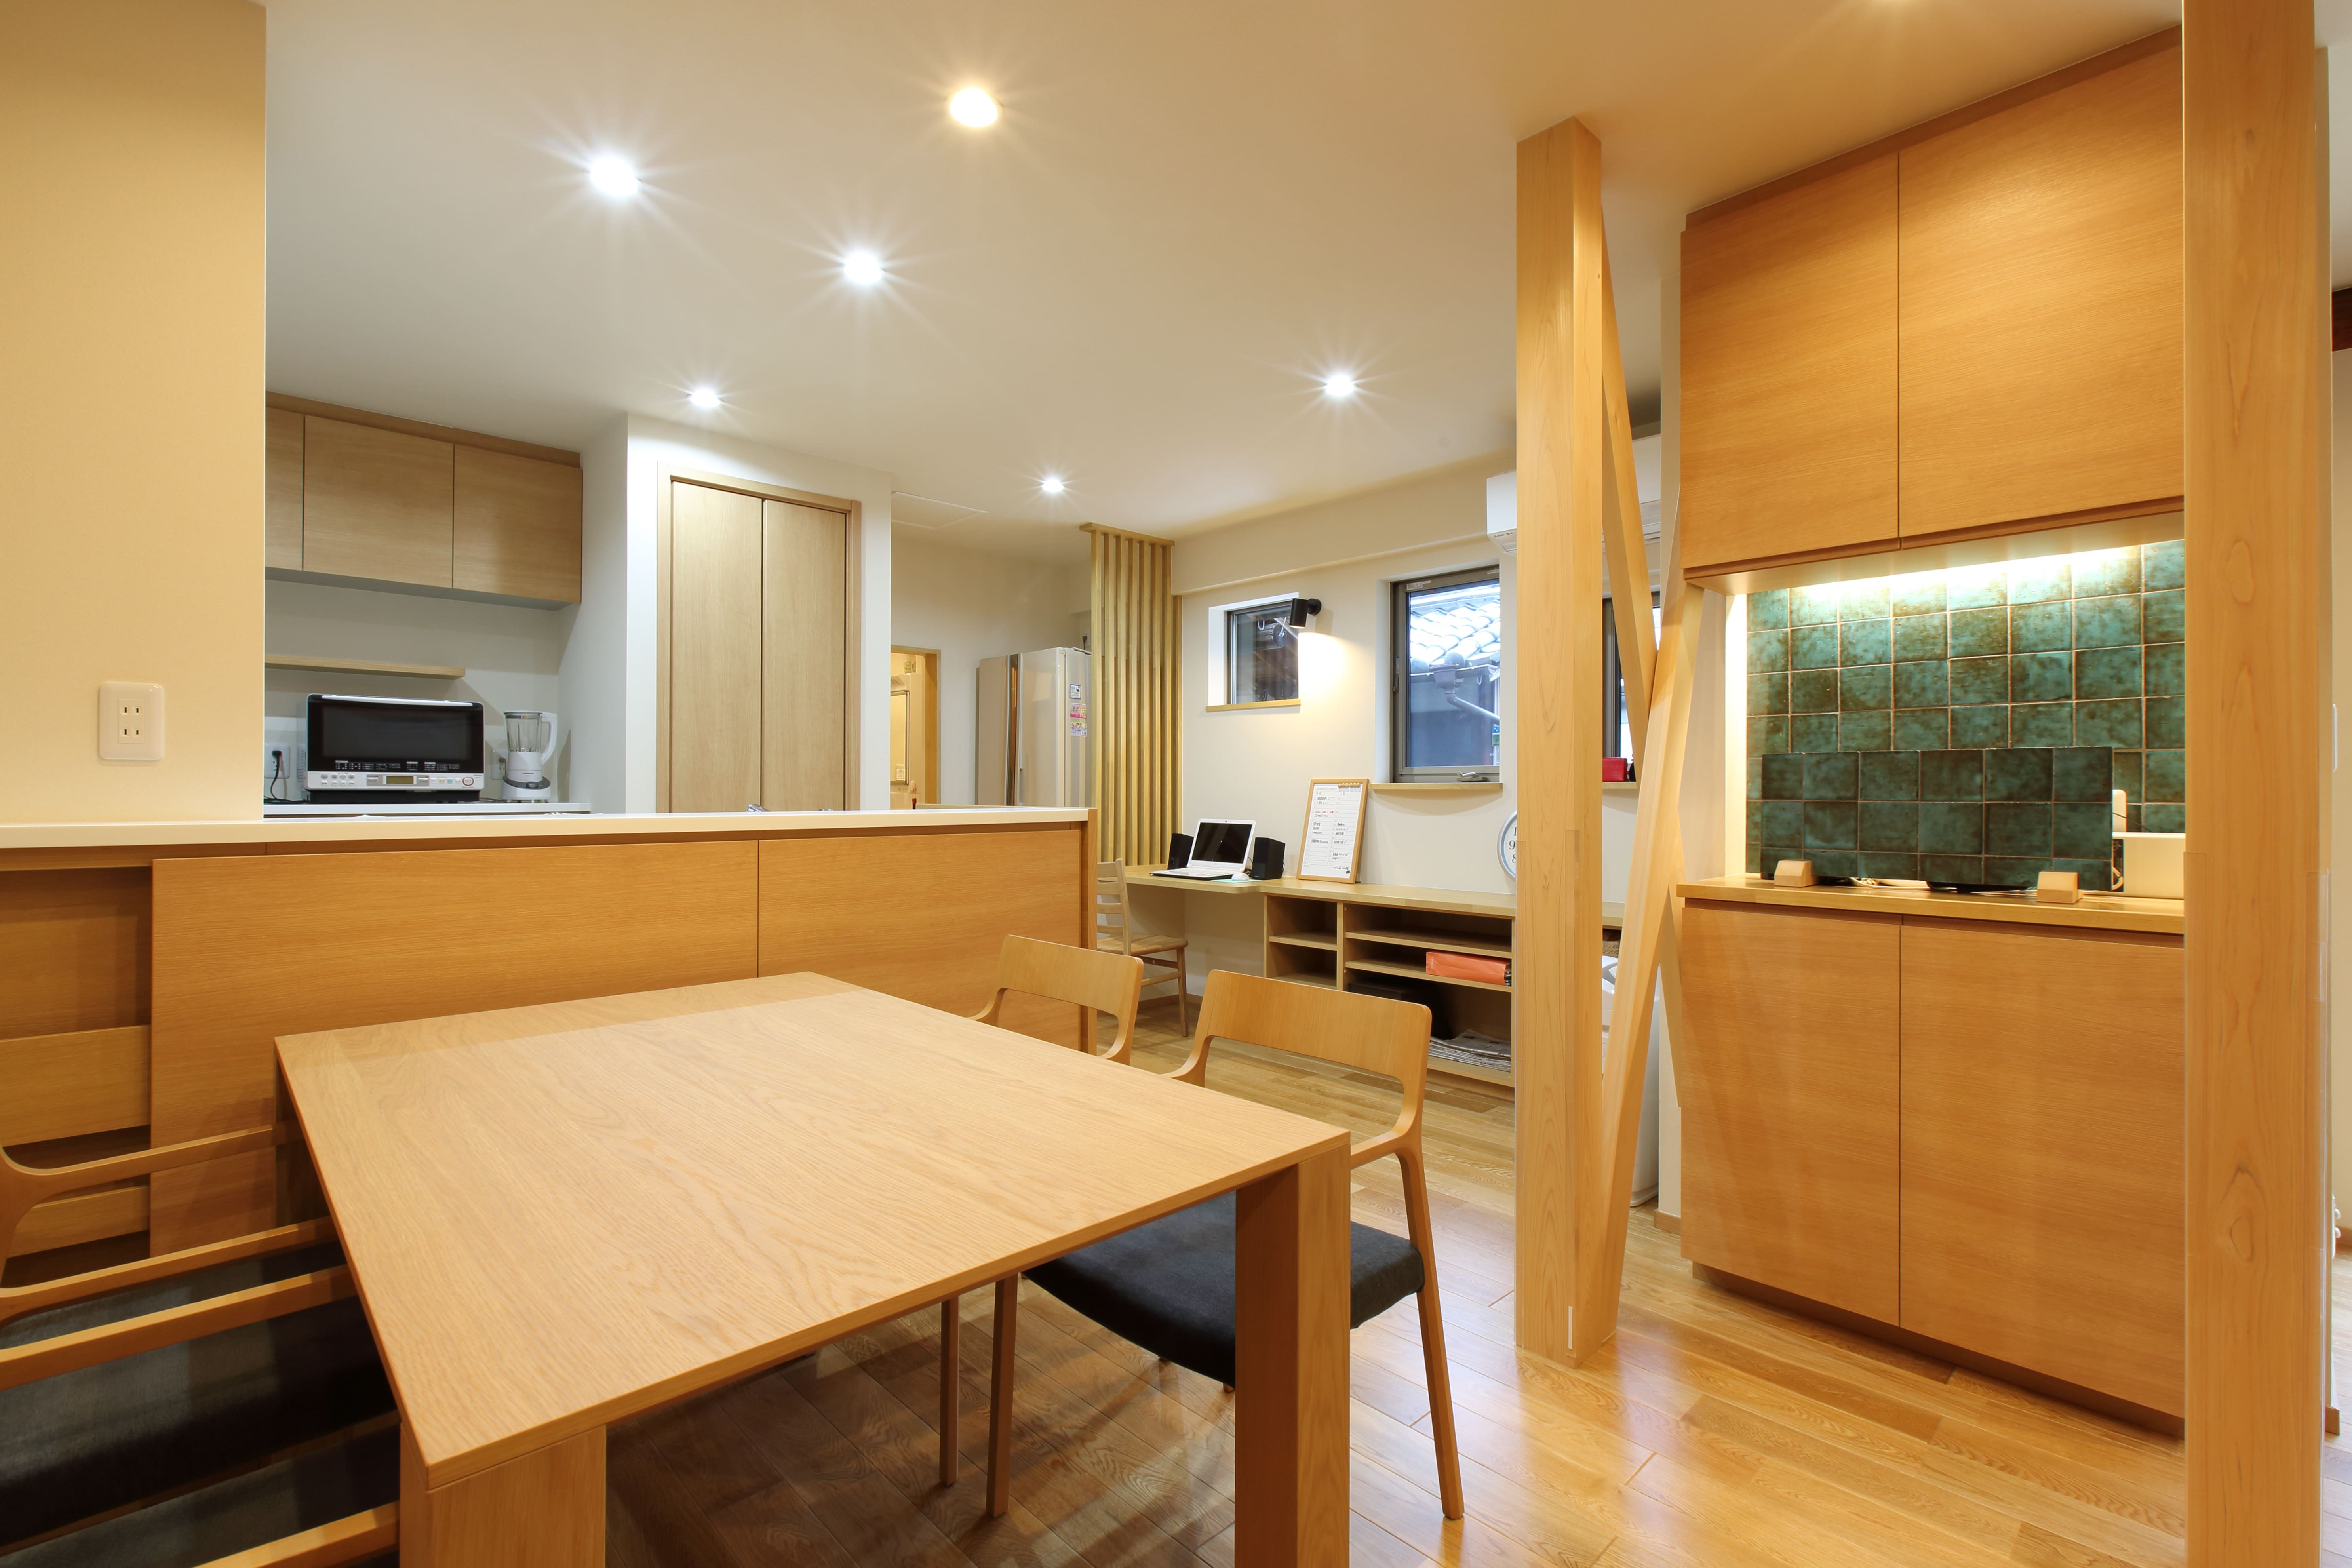 キッチン事例:以前和室だった部分の柱は新しく取り替え、筋かいを加えて室内のアクセントに。(将来の夫婦二人の生活を見据えて、1階部分だけで暮らせる住まいにリフォーム。)